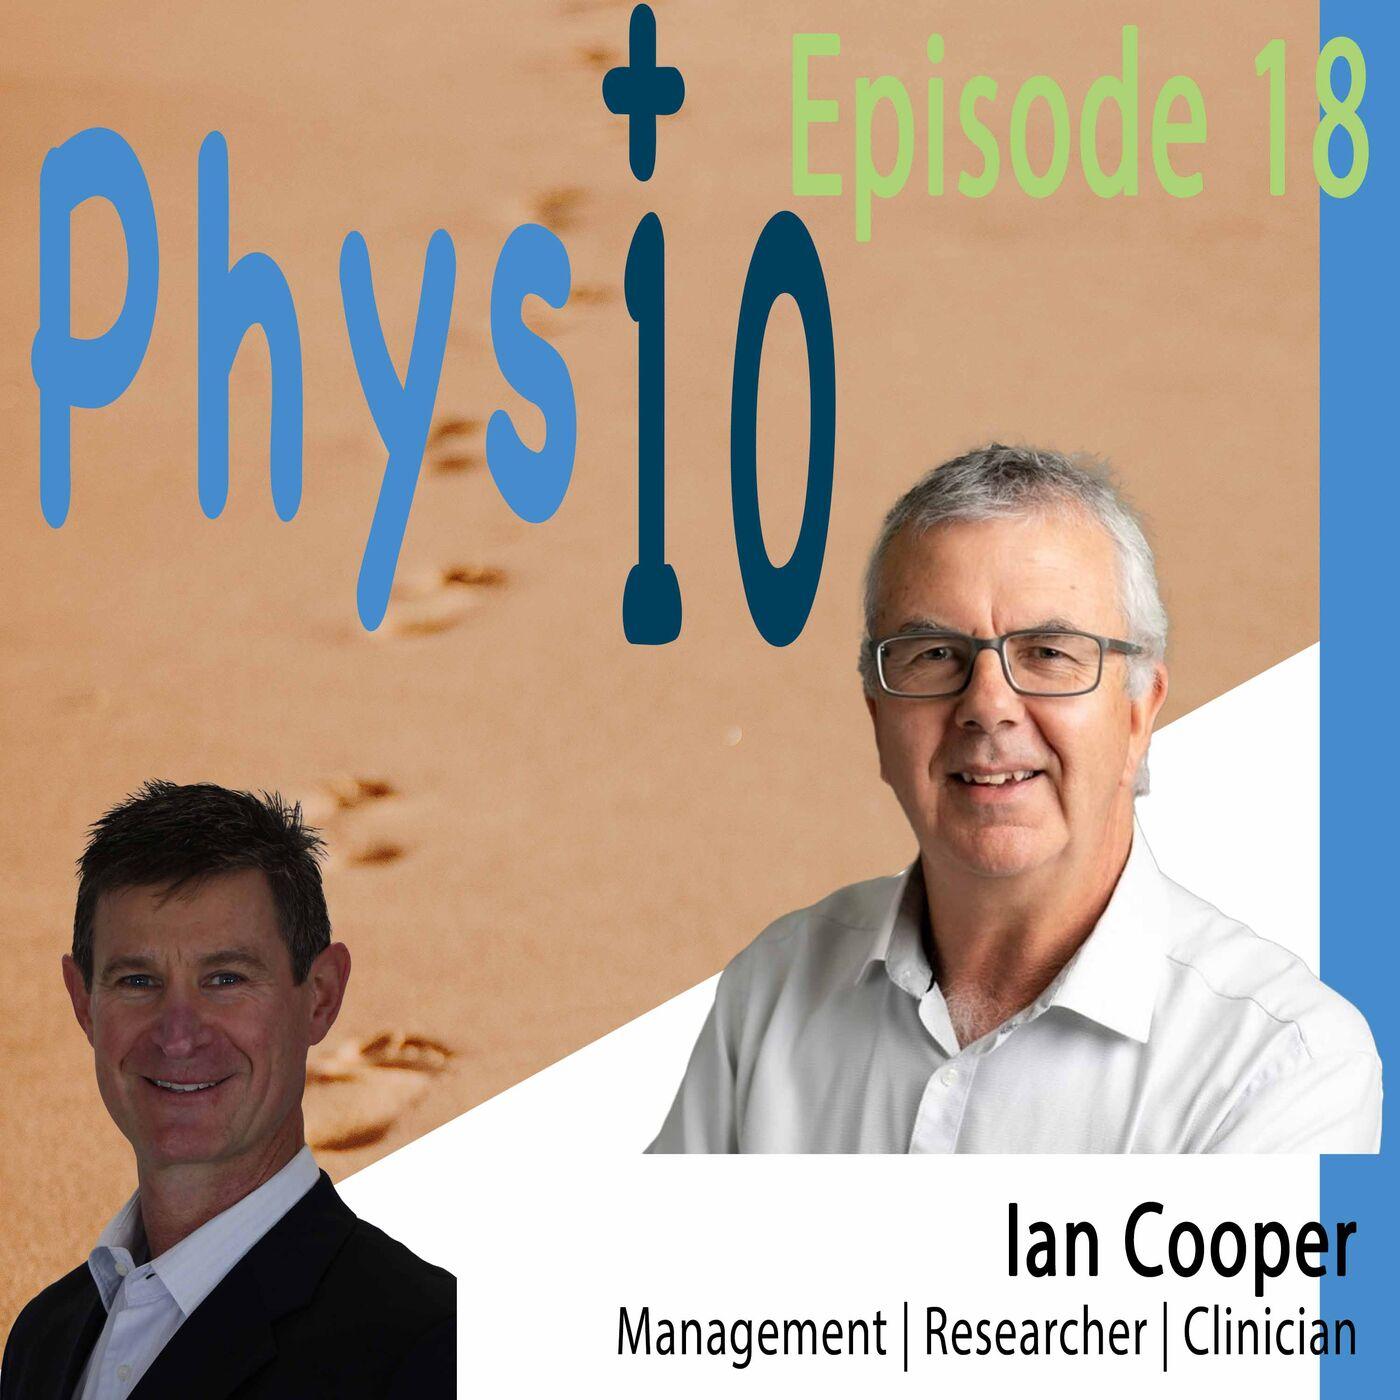 Mr Ian Cooper Management | Researcher | Clinician